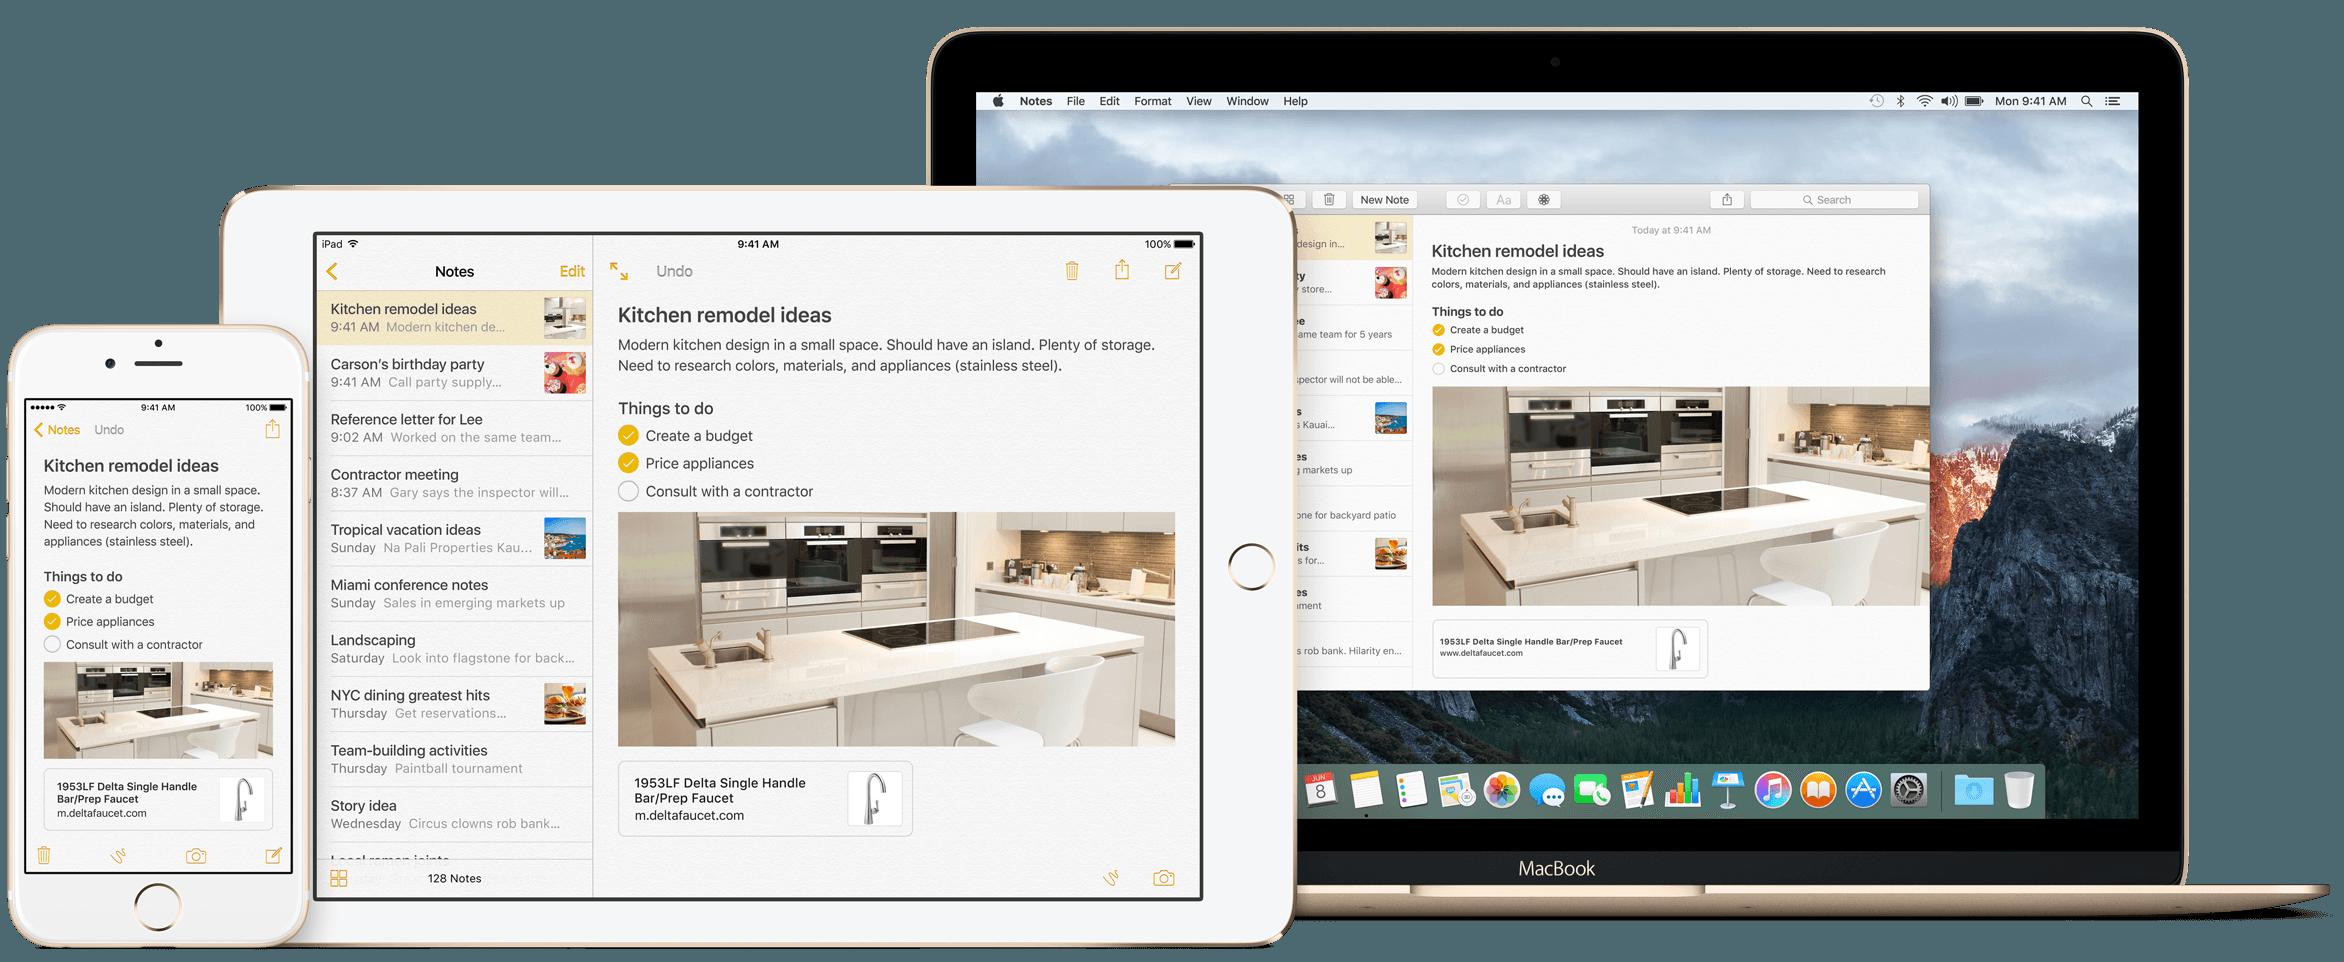 OS X El Capitan Notes image 002